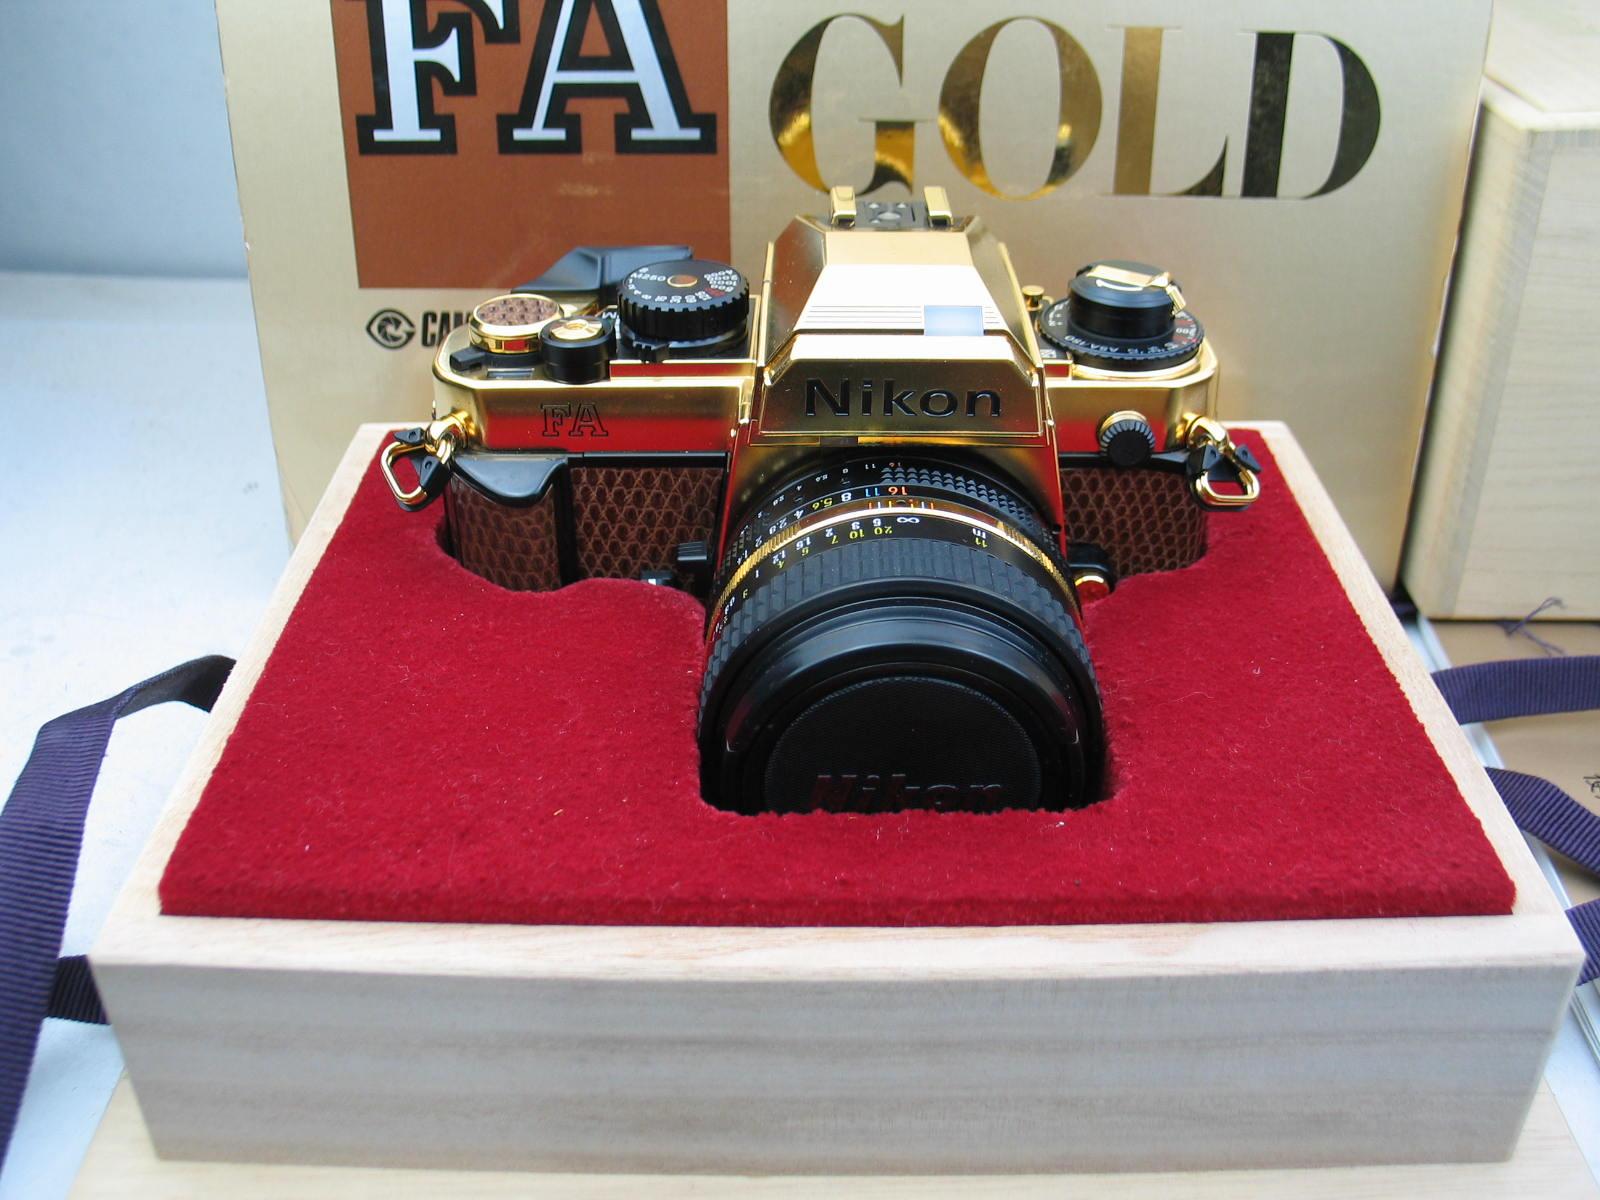 全新尼康FA全球定制版金机,超靓,价格12588元包邮